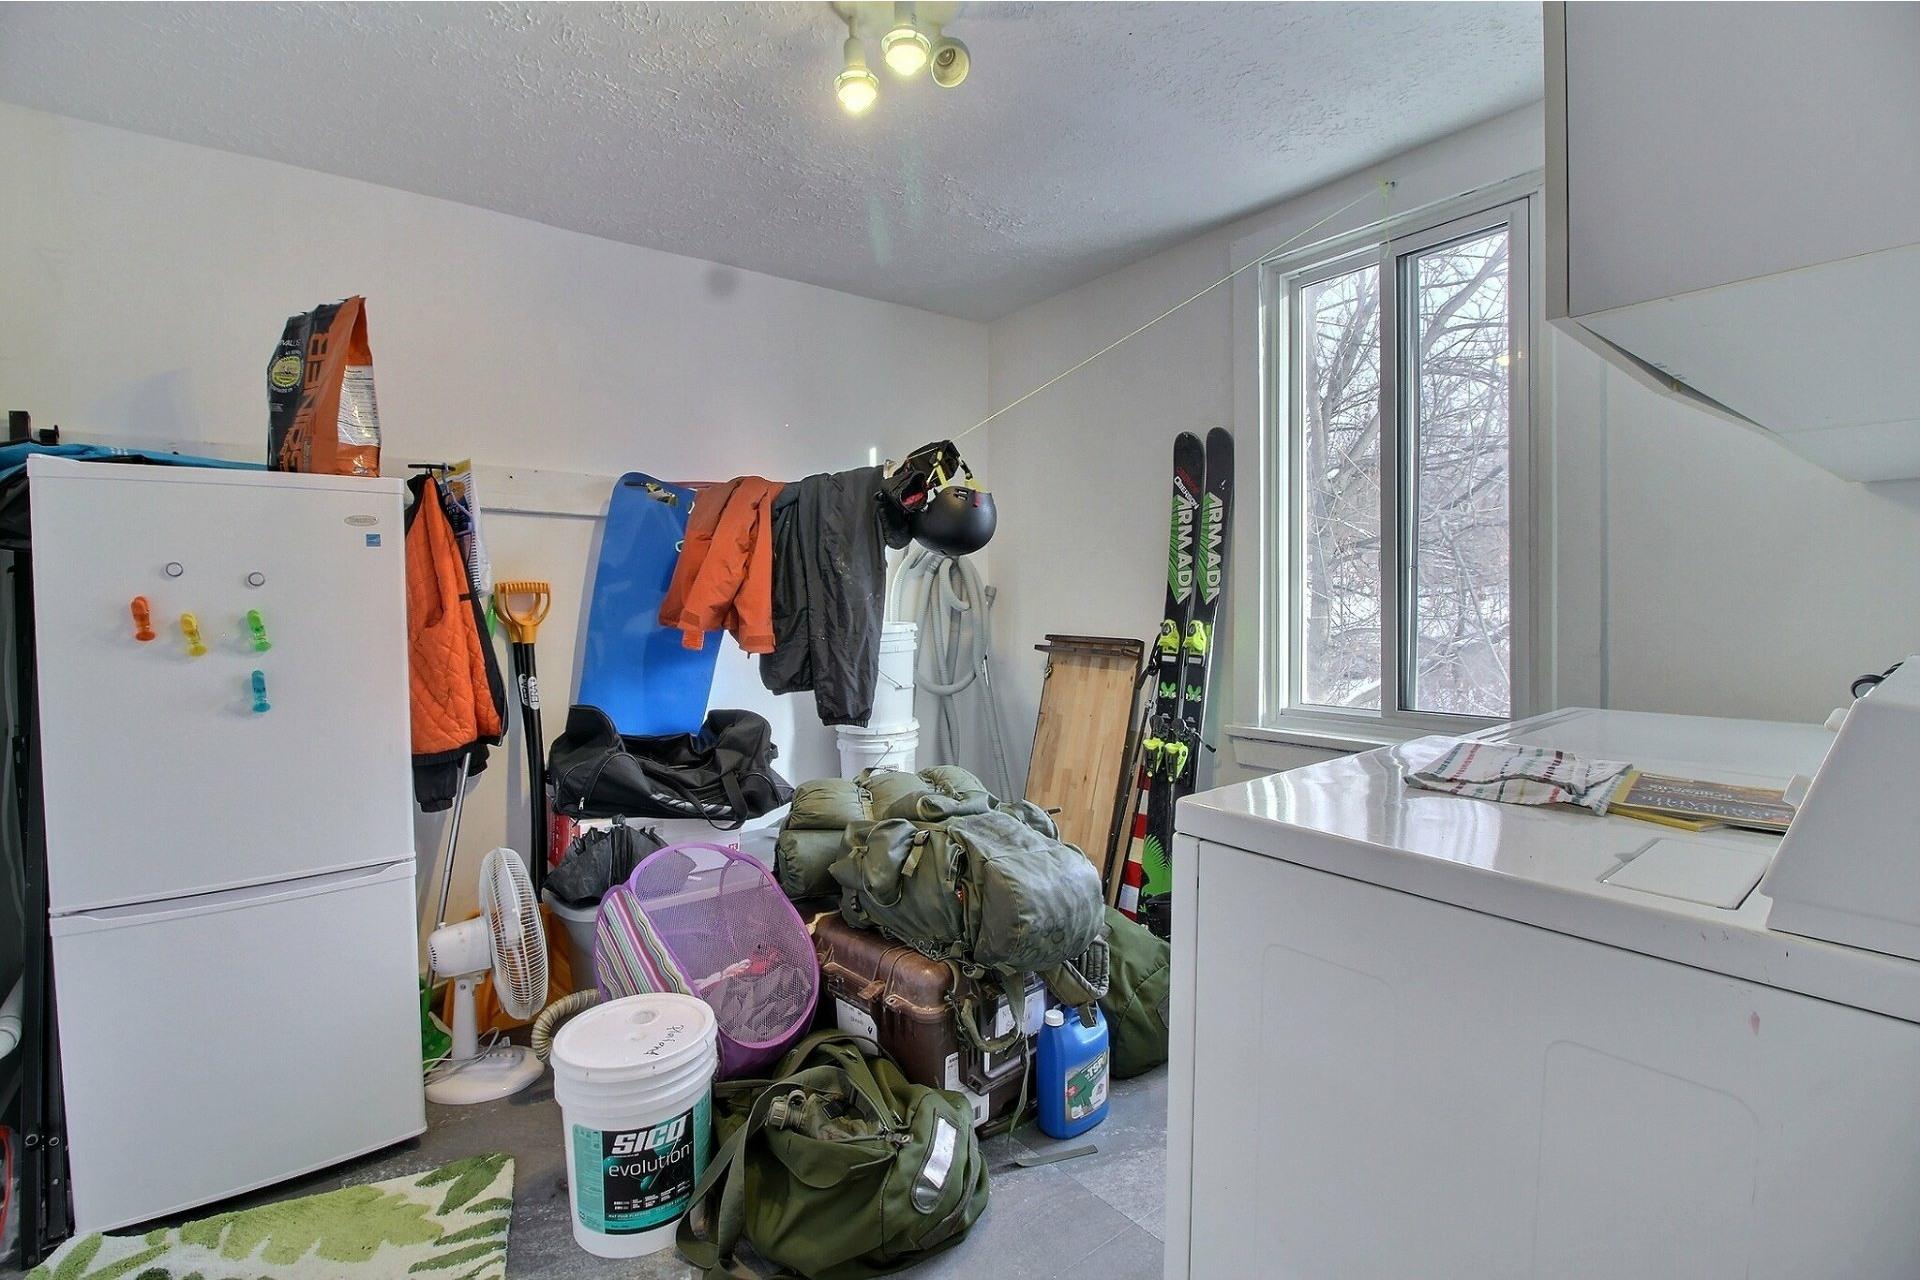 image 17 - Duplex À vendre Fleurimont Sherbrooke  - 4 pièces